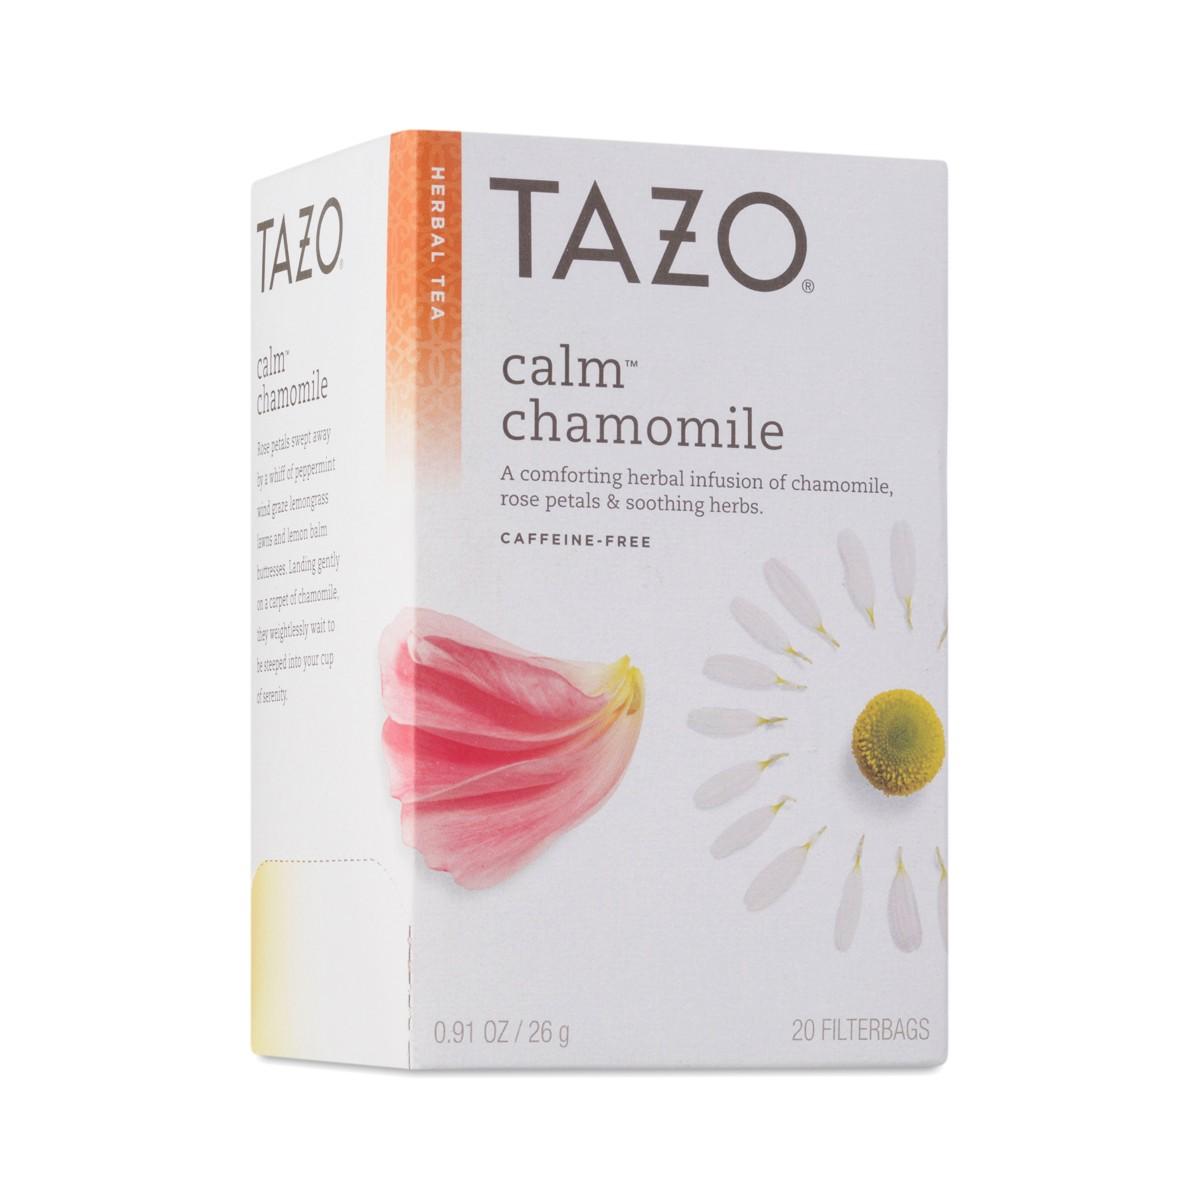 Tazo chamomile